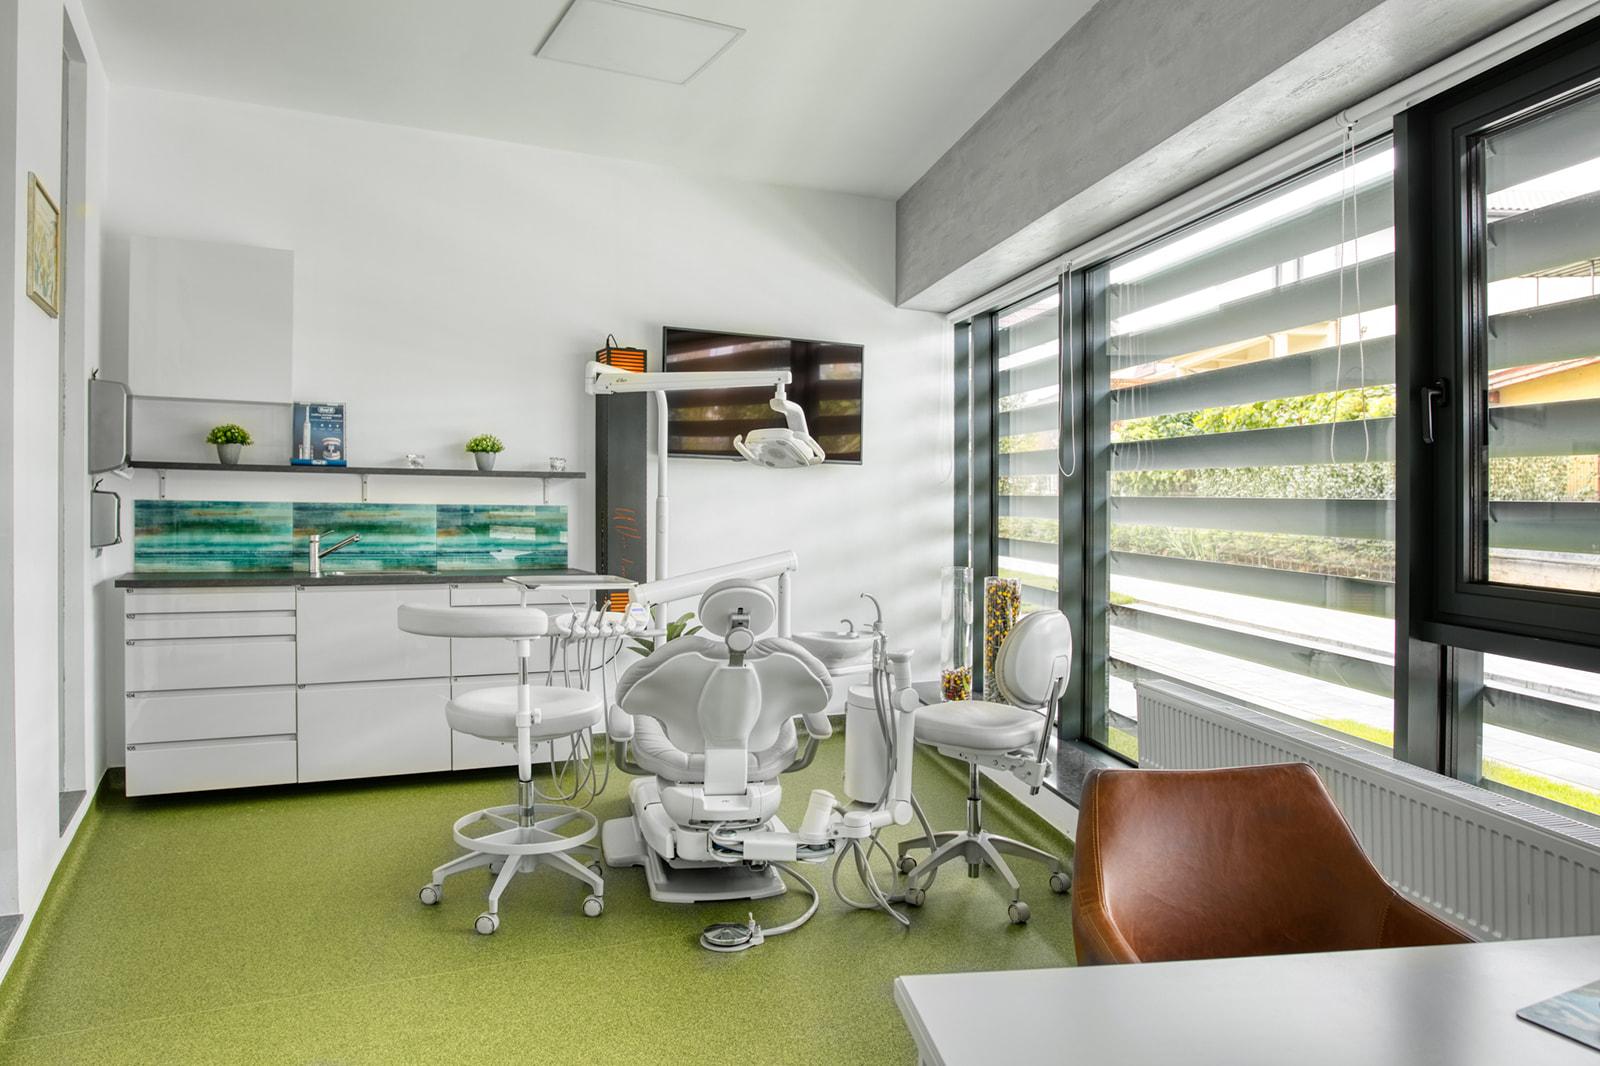 Acasa 3 - Platinum Dental Center